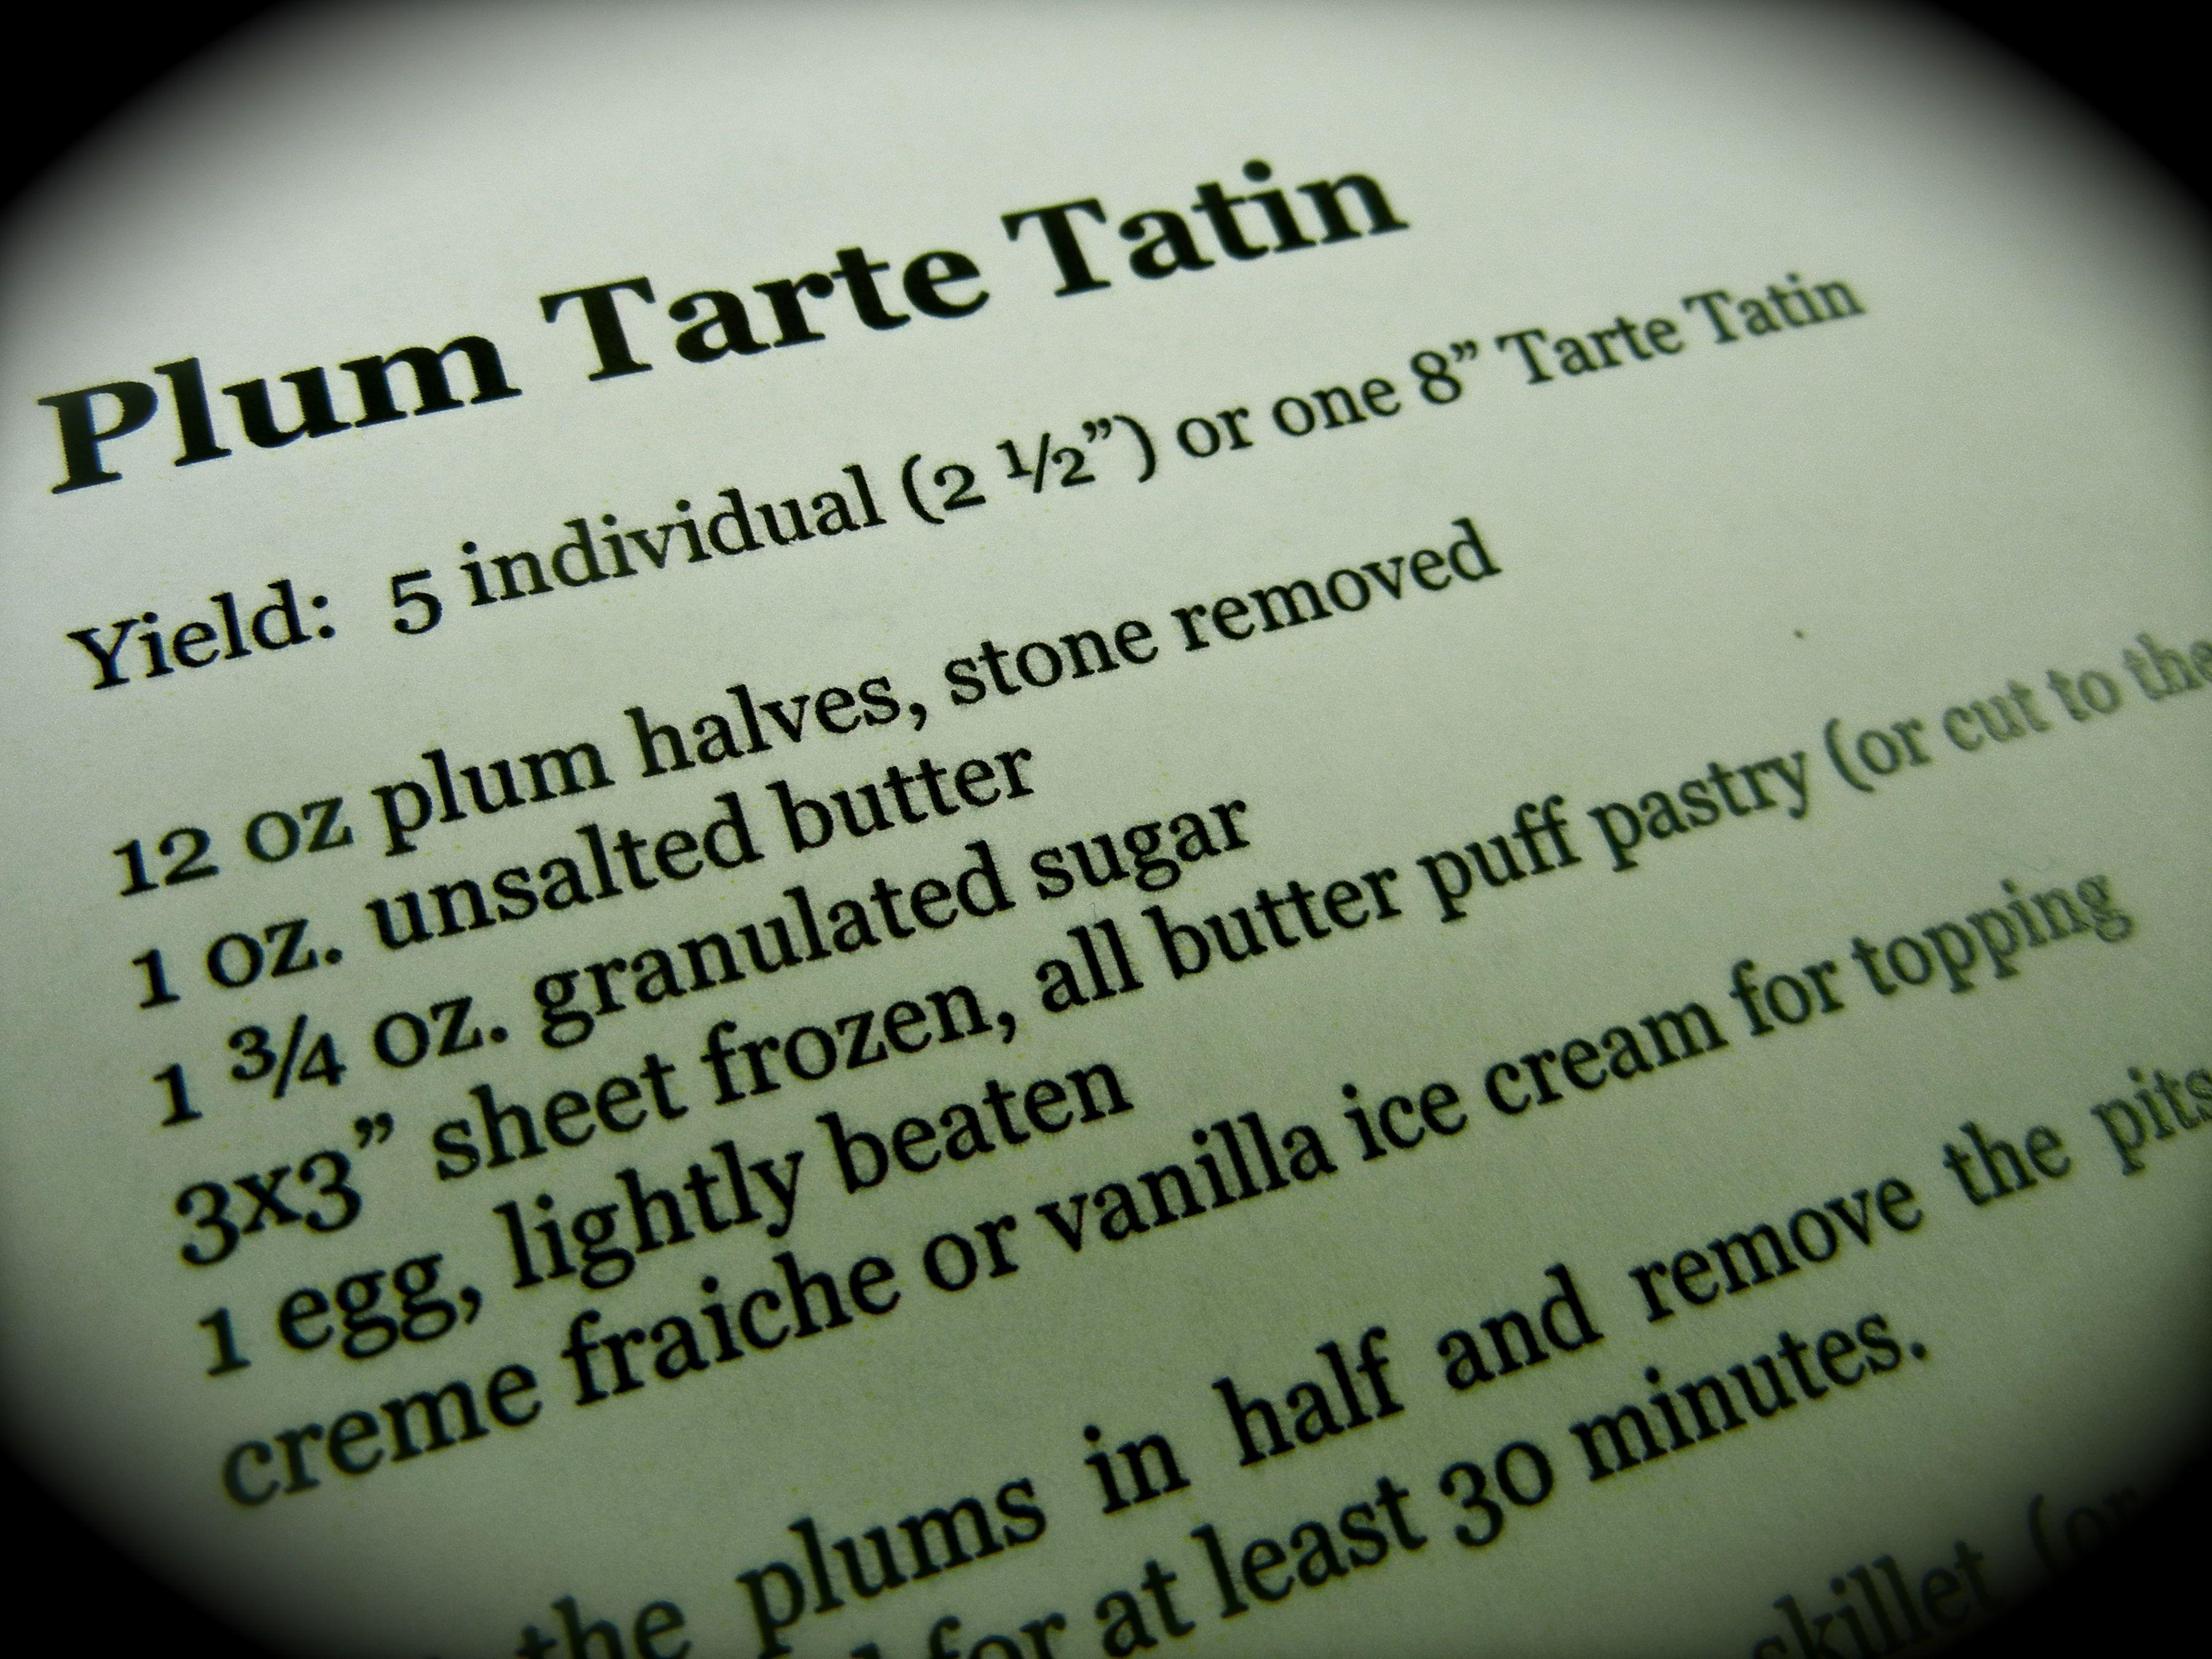 Plum Tarte, simply tasty!